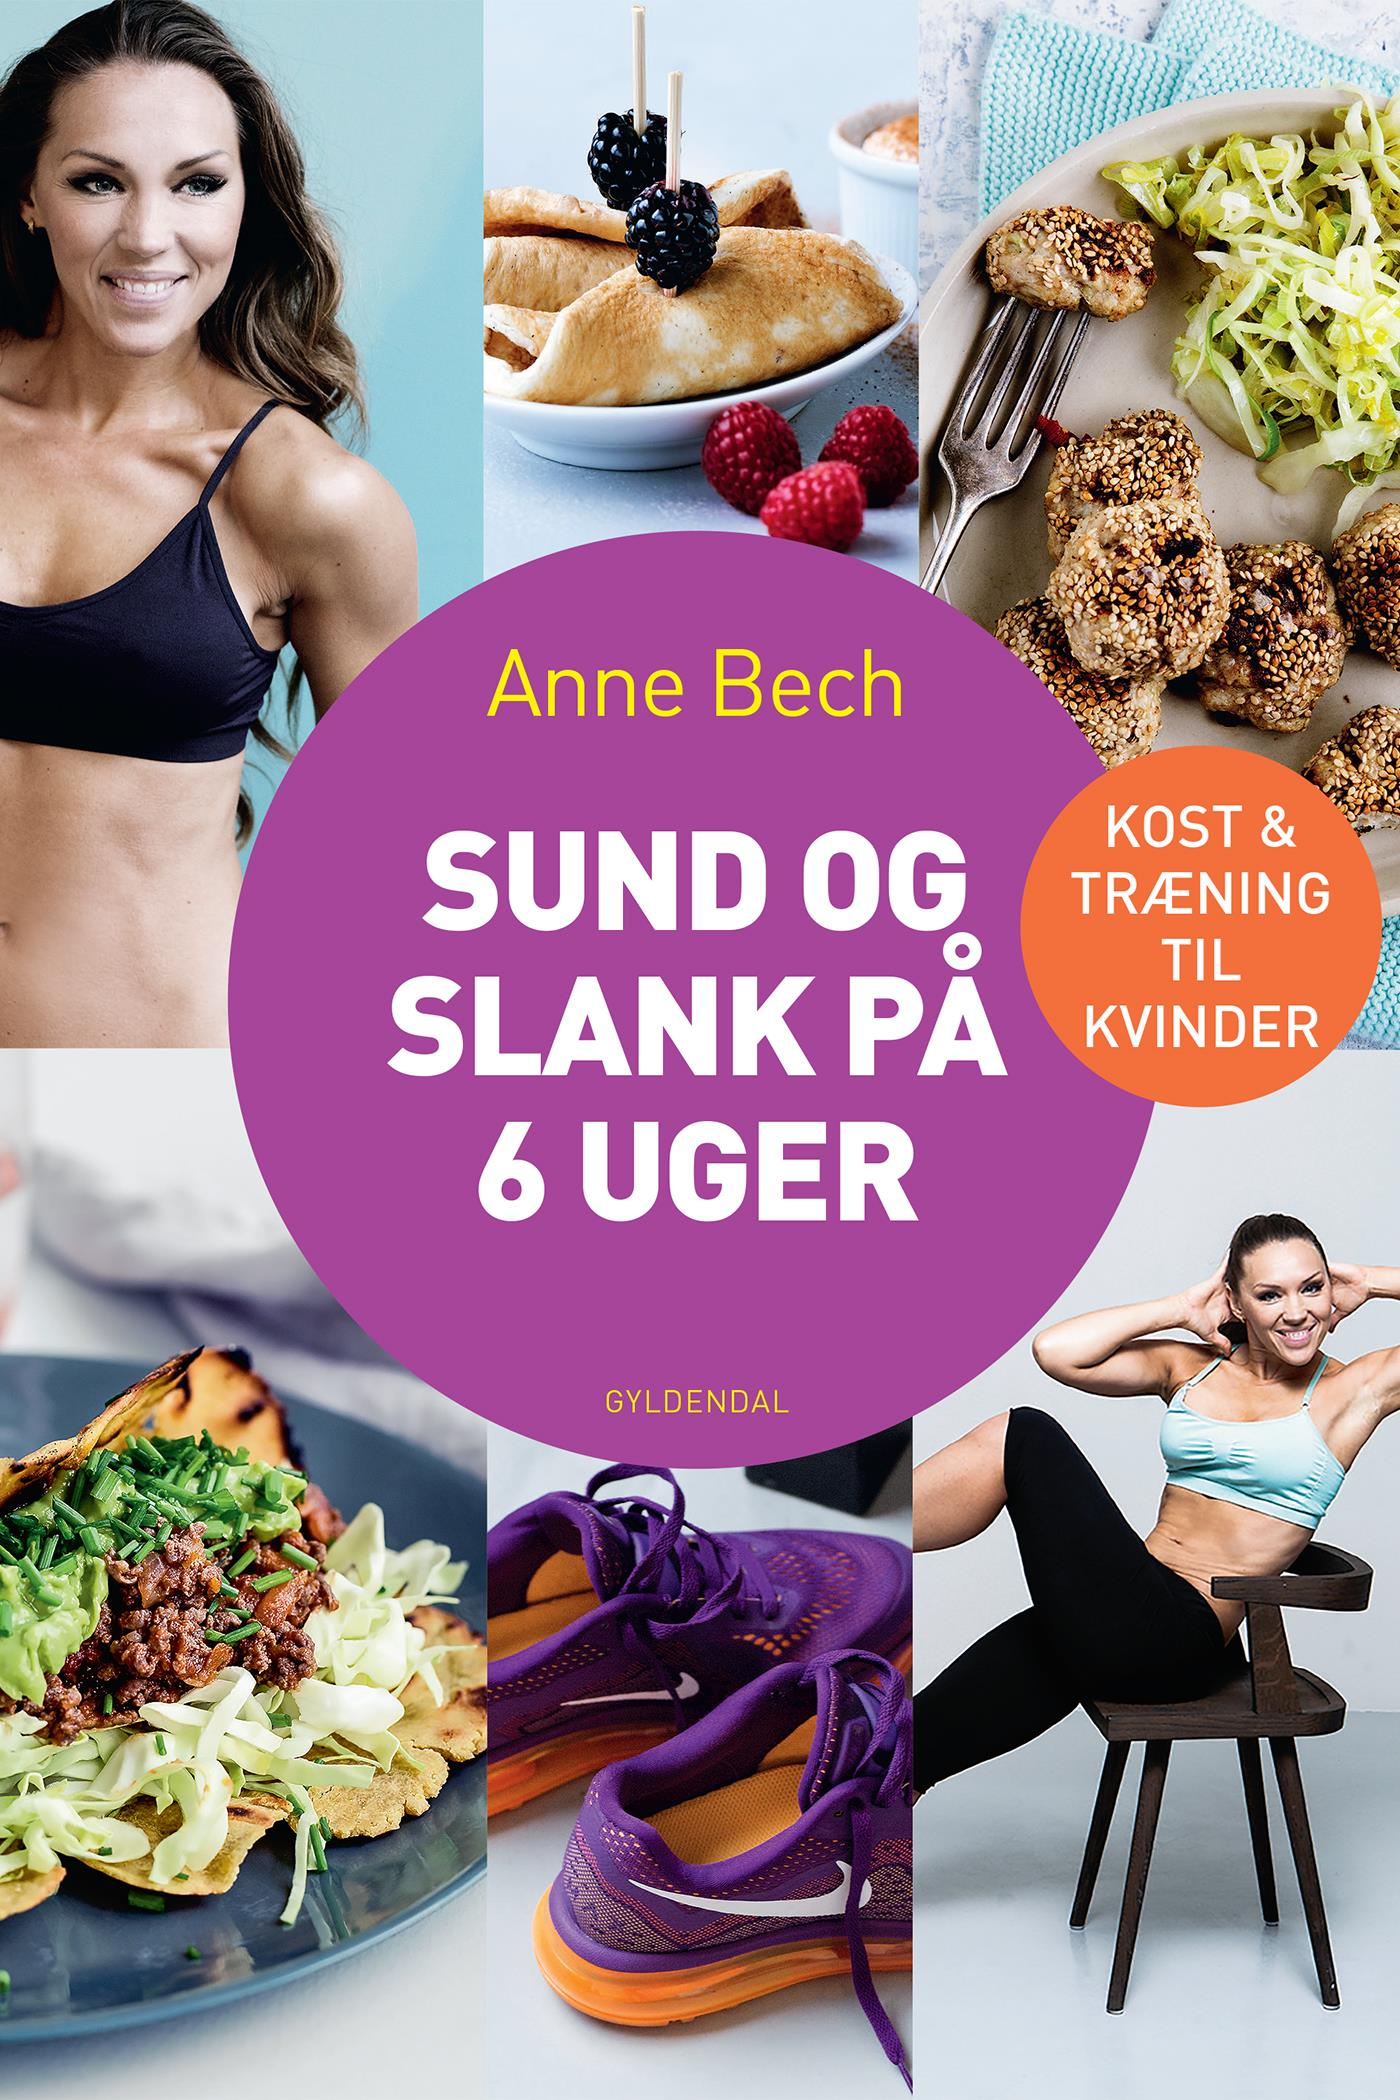 Sund og slank på 6 uger - e-bog fra N/A fra bog & mystik